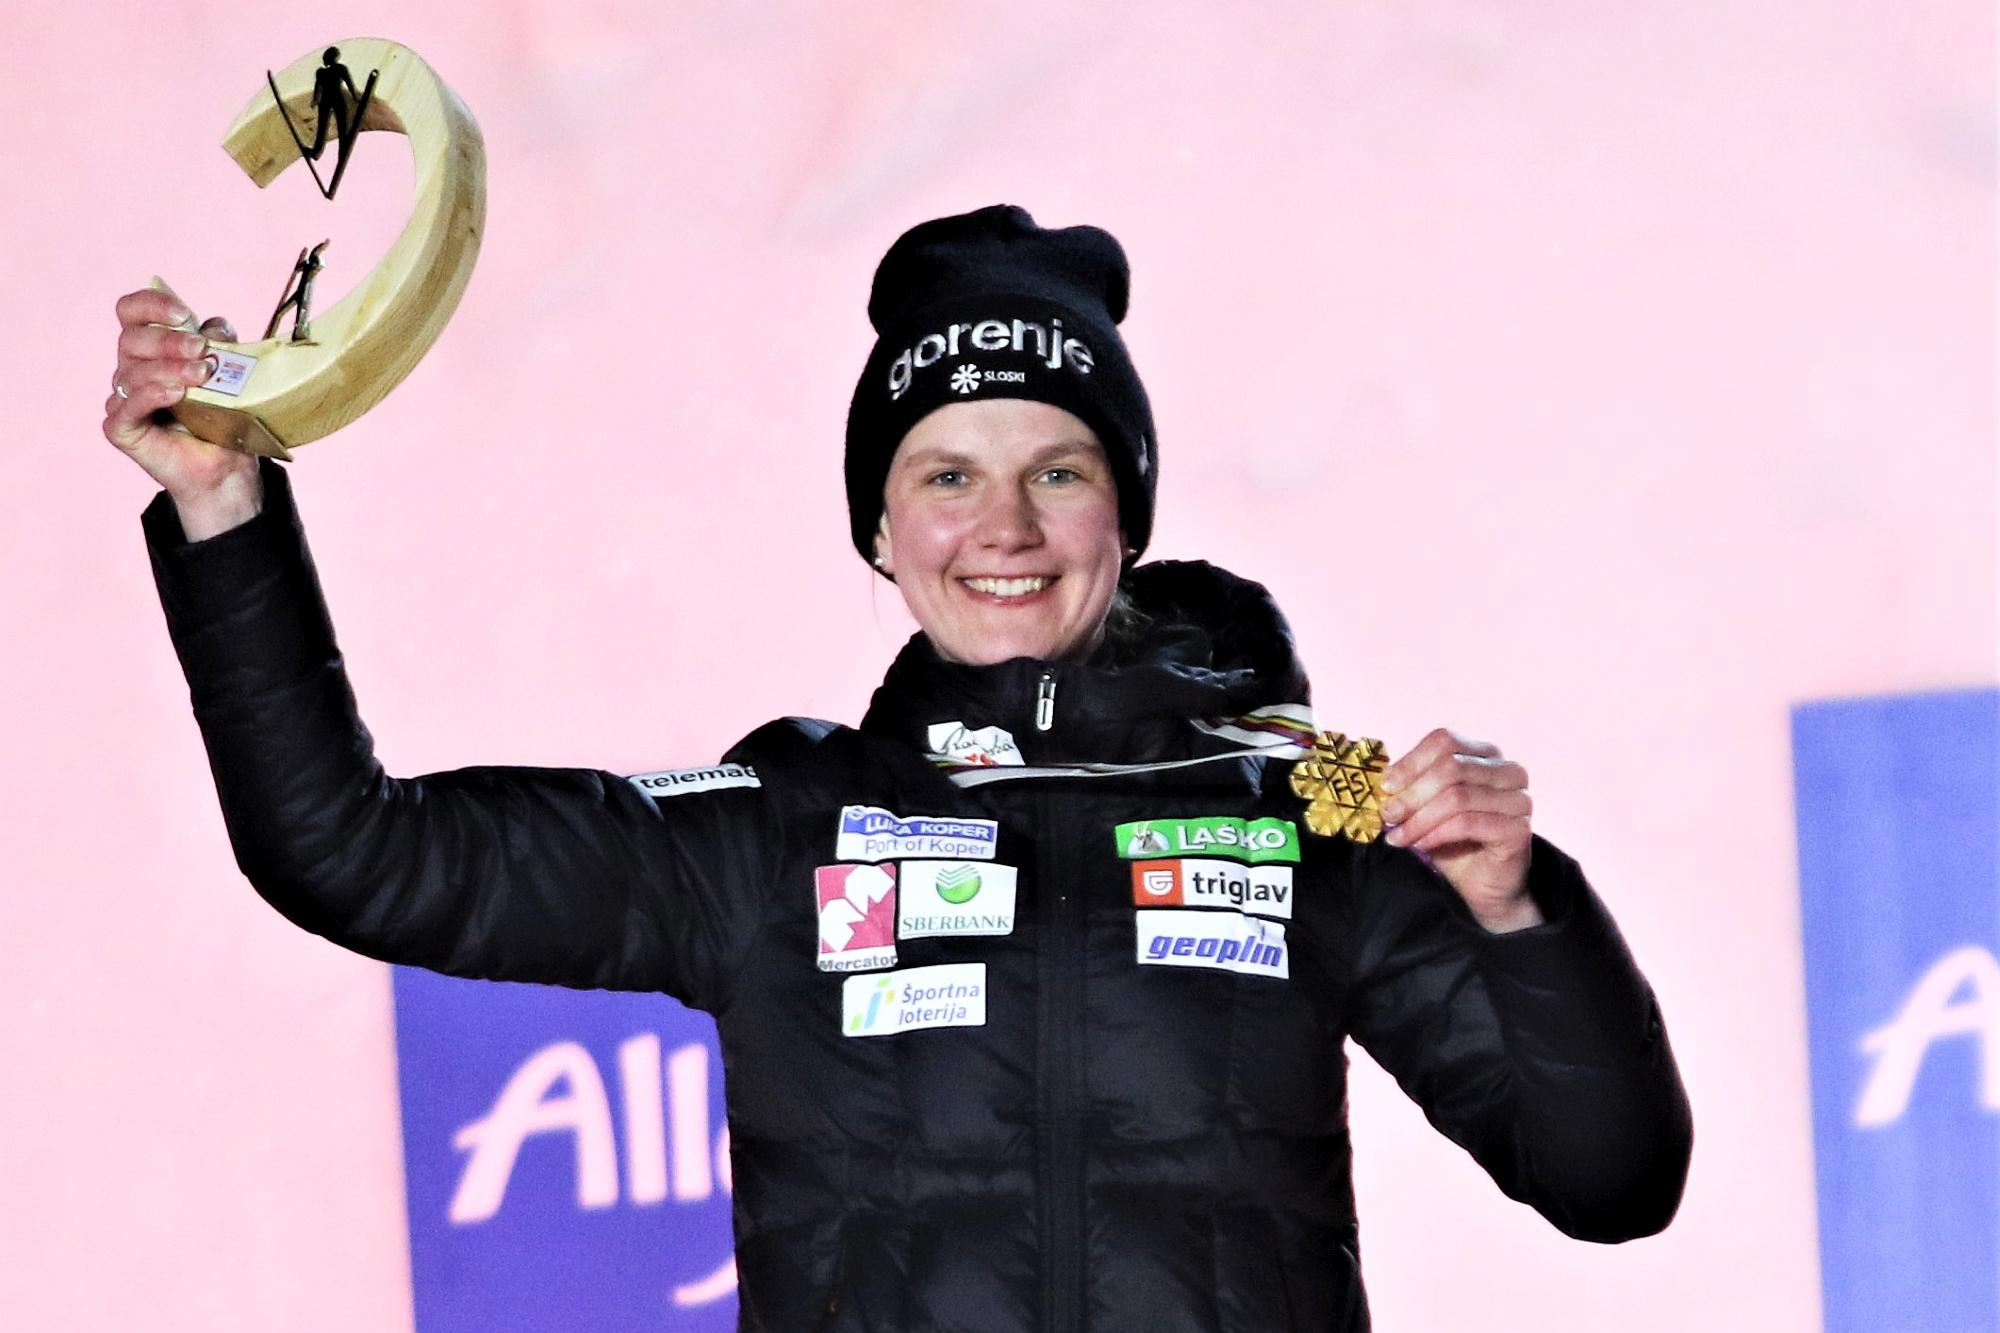 MŚ Oberstdorf: Klinec zdobywa złoto, Kramer sensacyjnie poza podium!